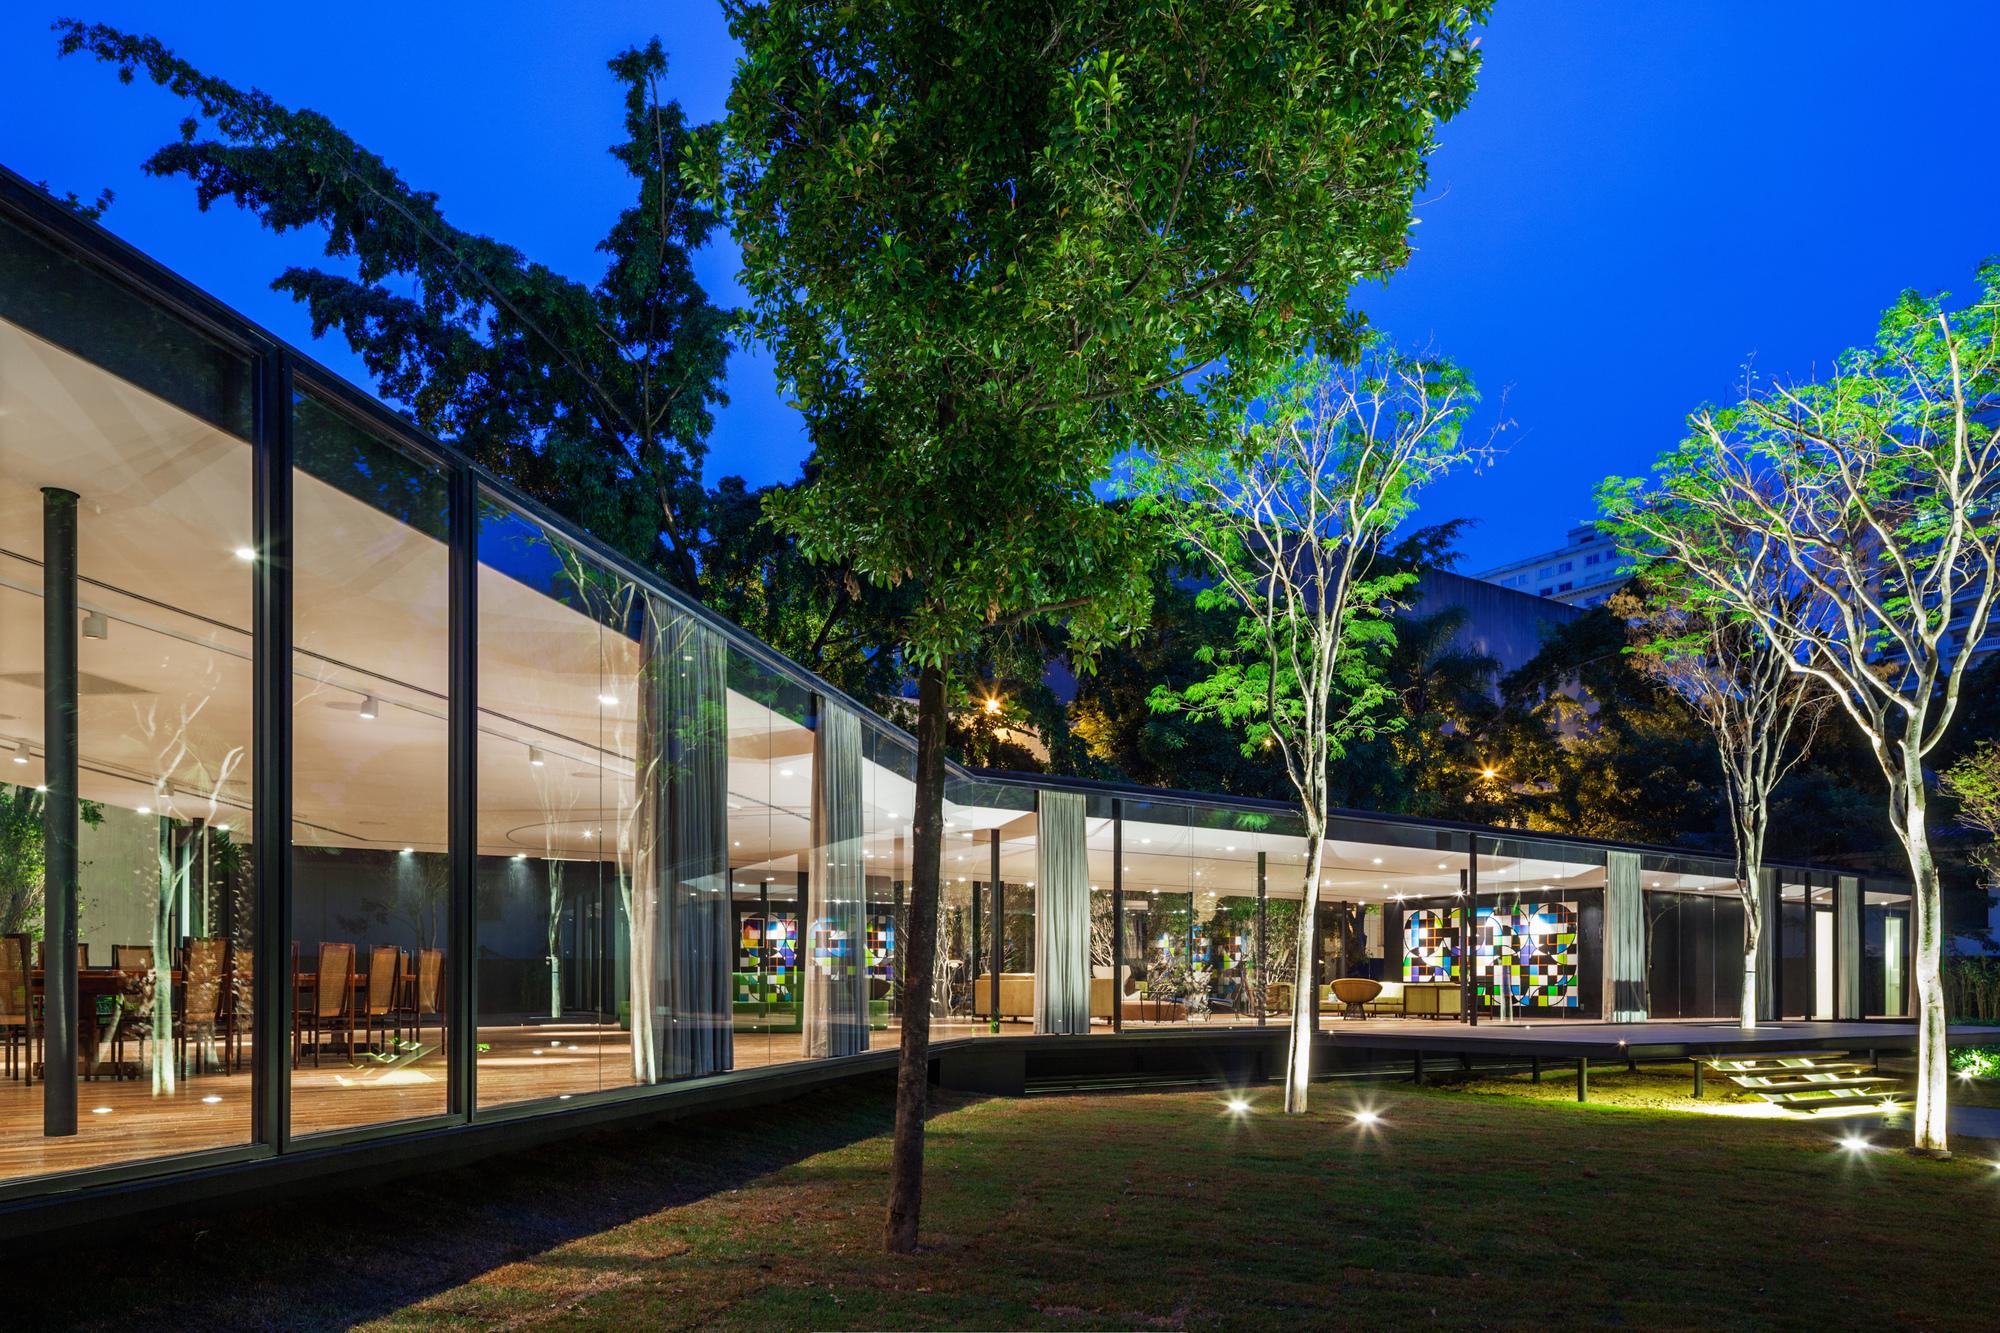 Gallery of c j house andrade morettin arquitetos for Cj garden designs